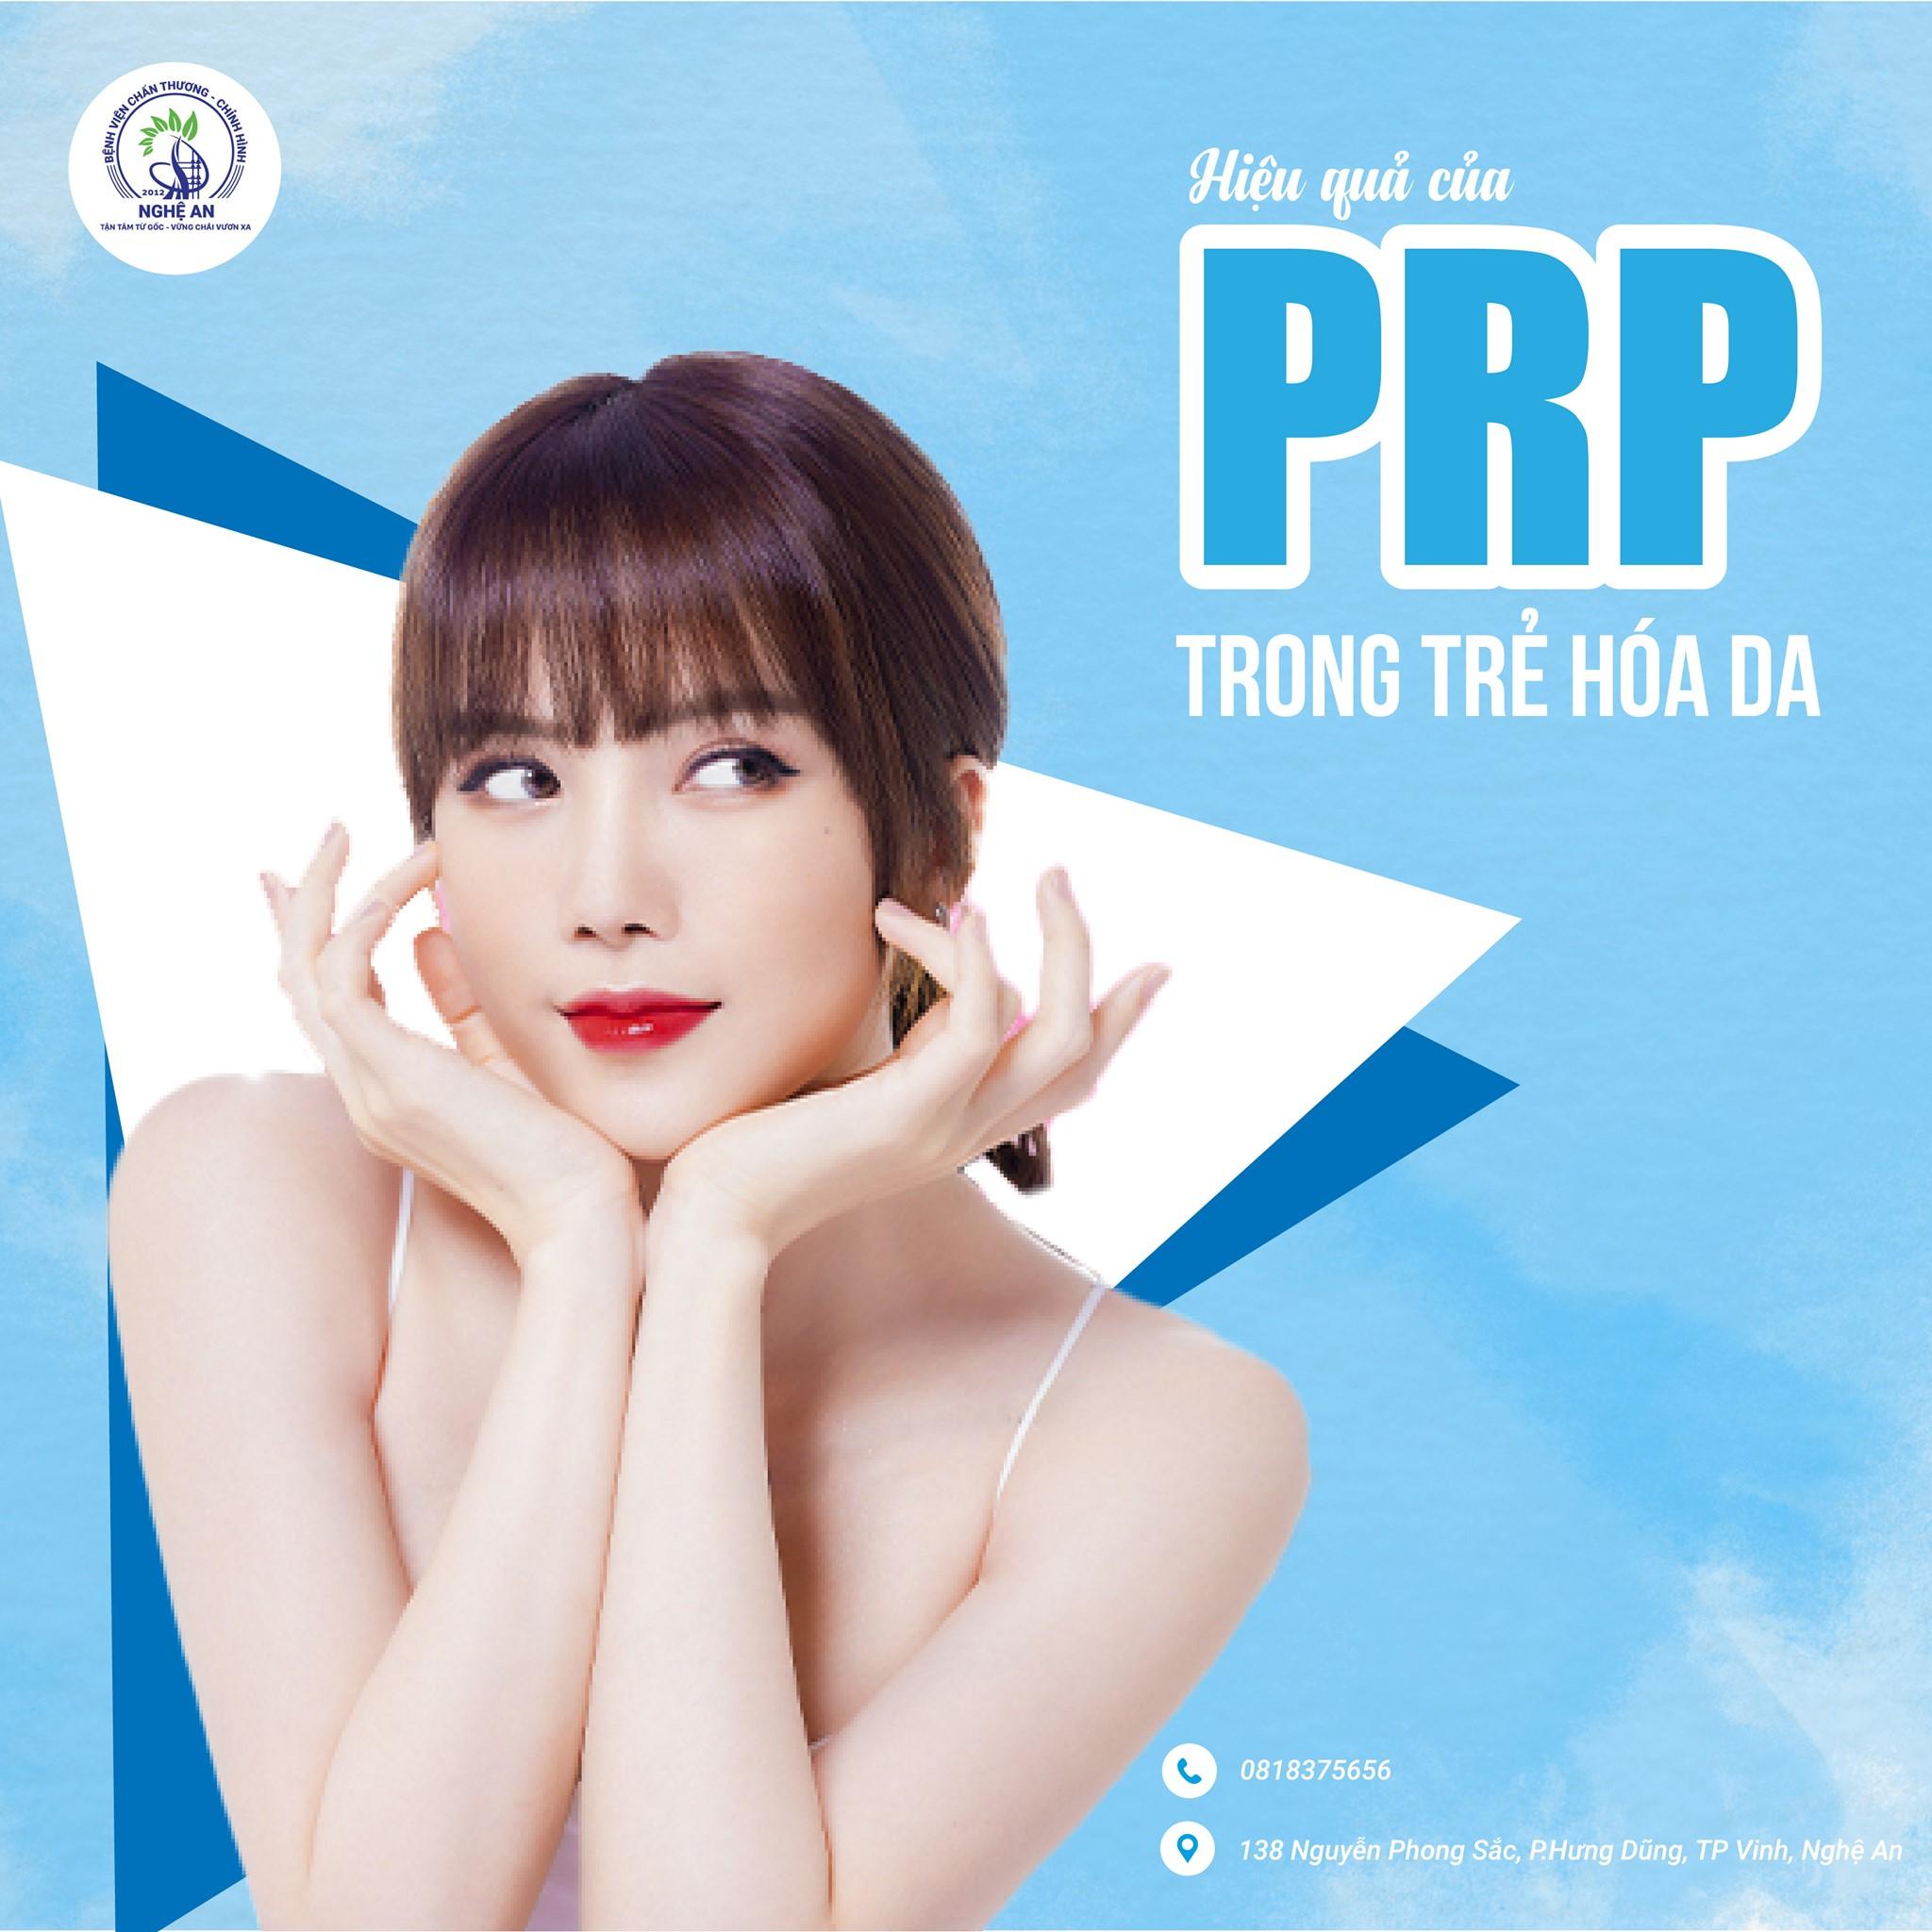 PRP là gì? Hiệu quả của PRP trong trẻ hóa da